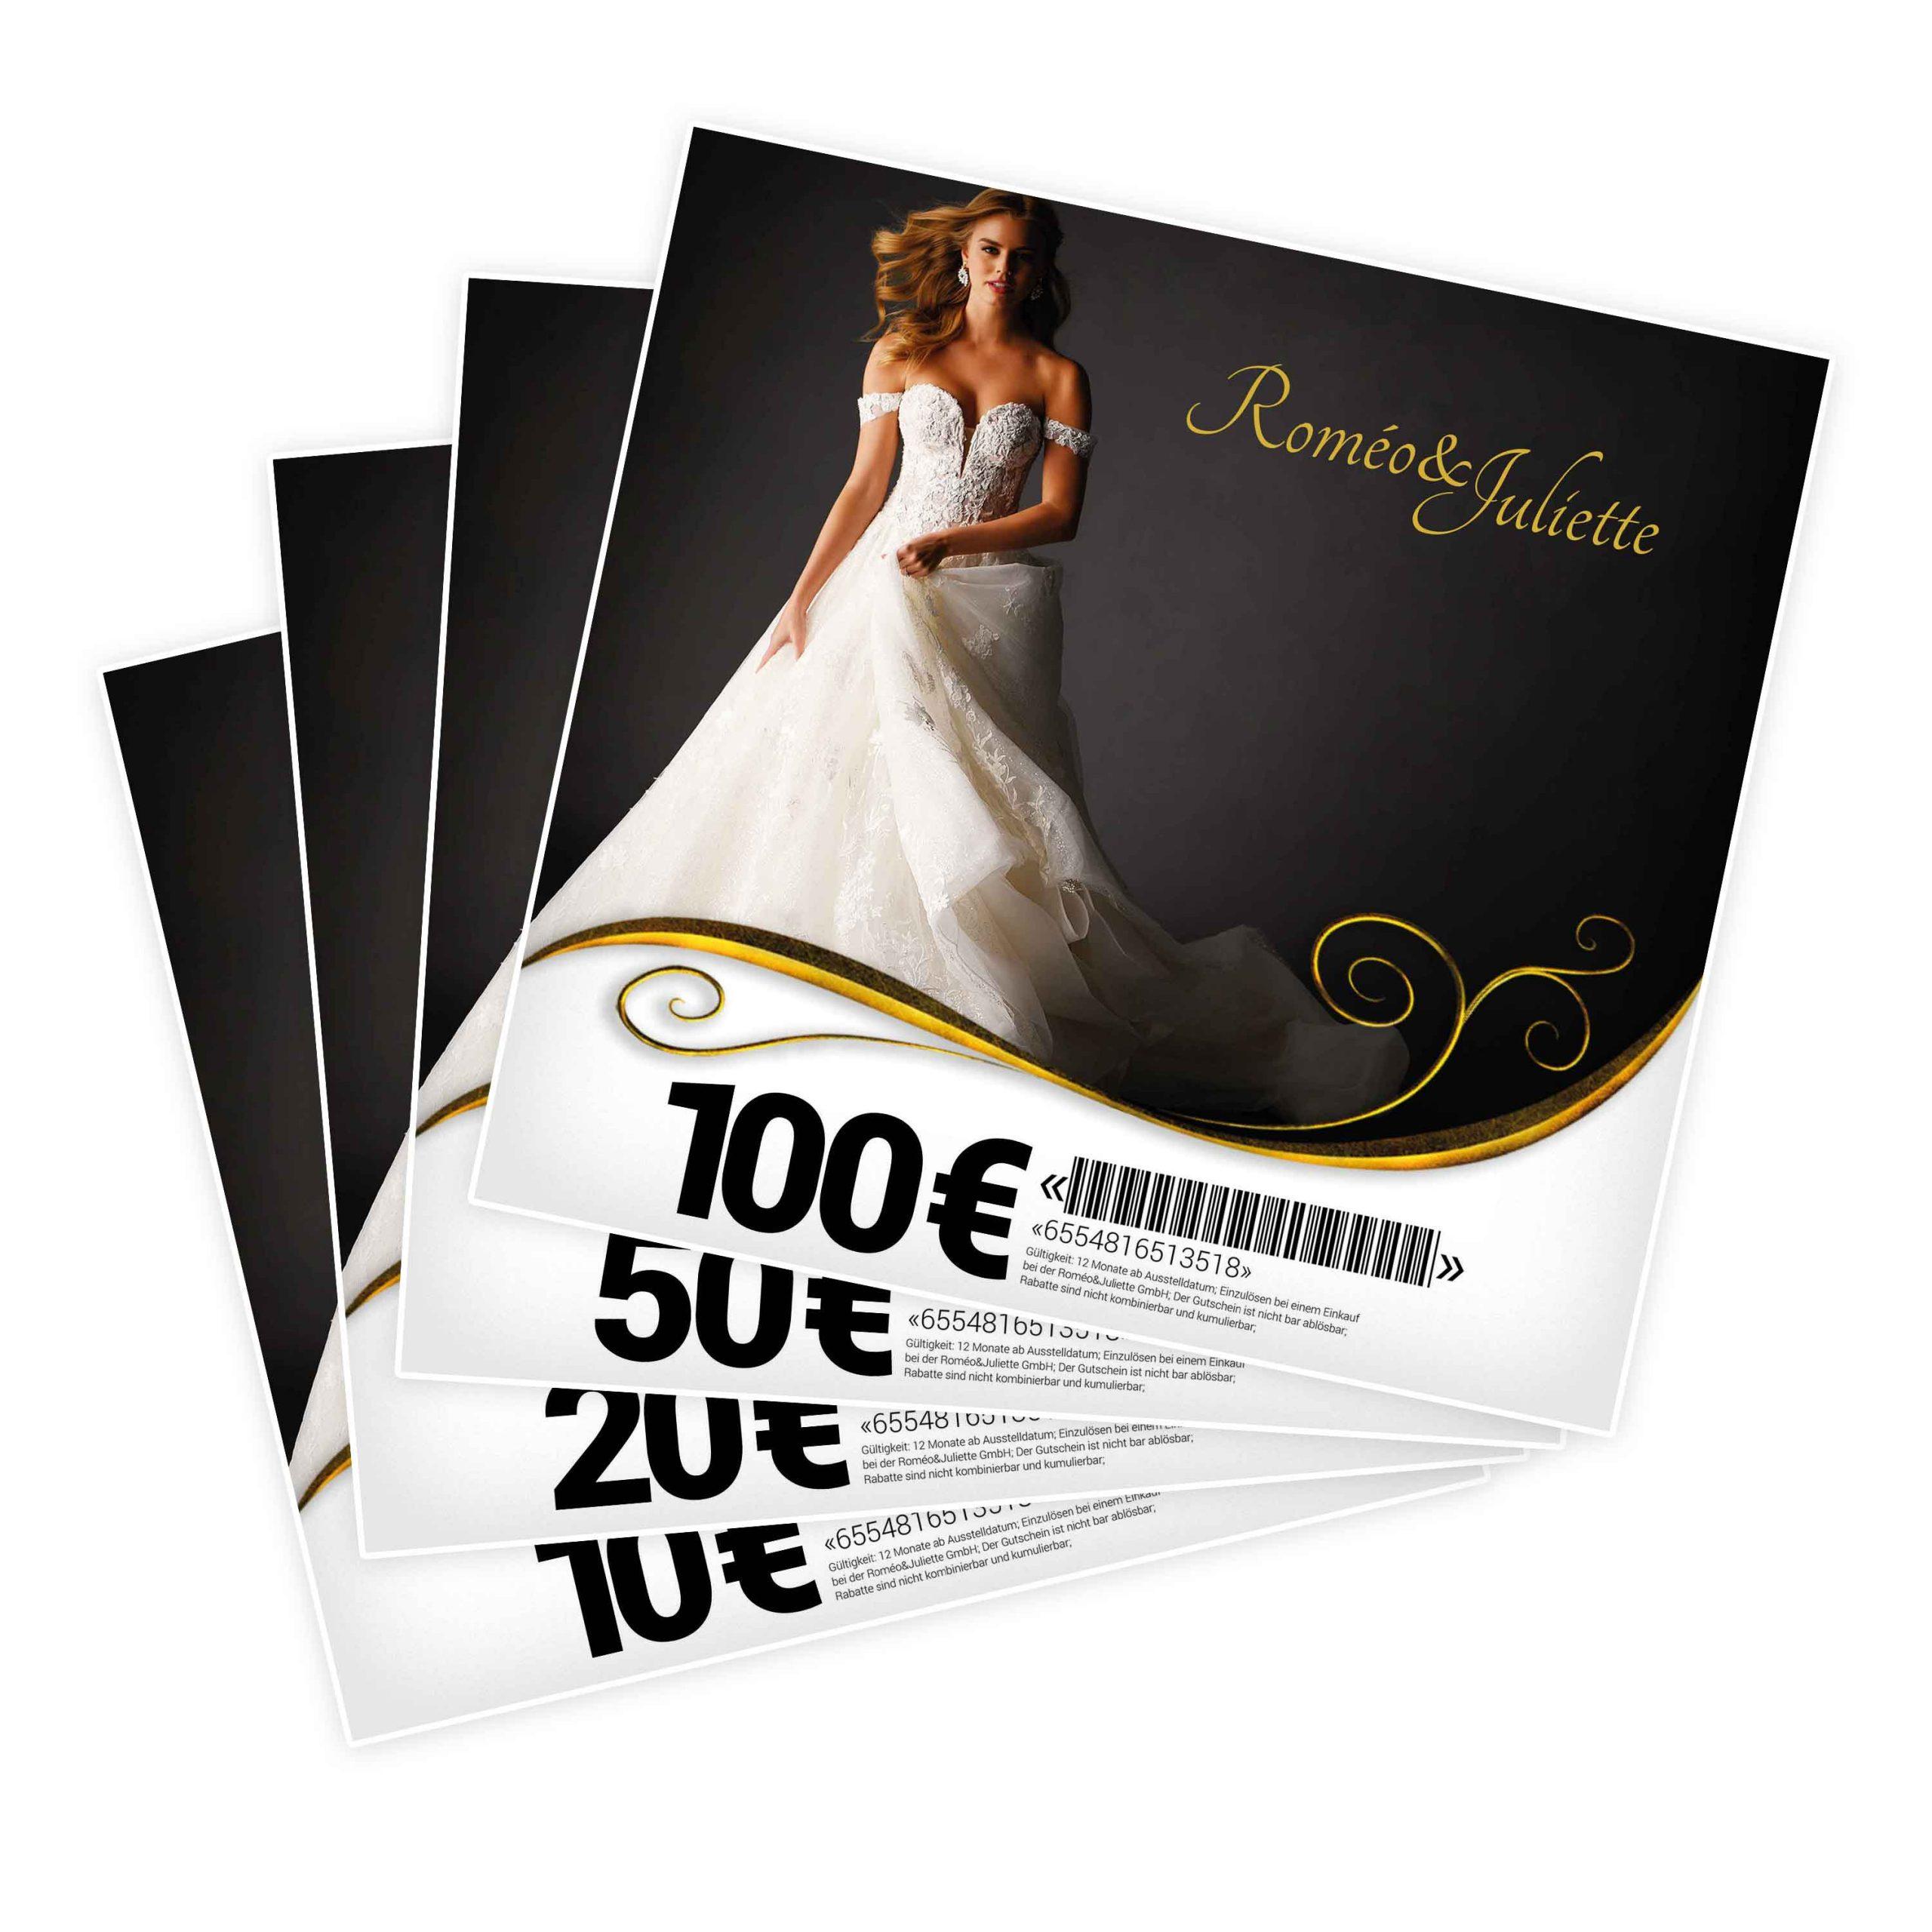 roméo&juliette | 900 brautkleider | 700 anzüge | 4000